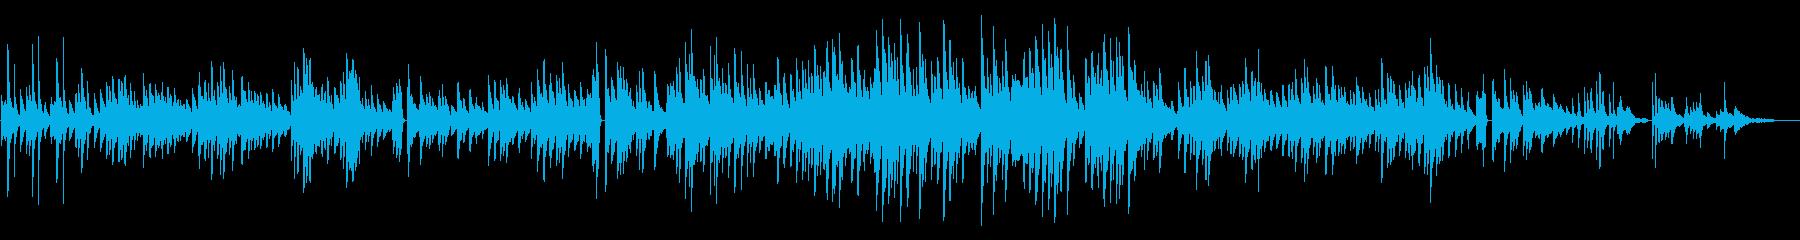 童謡「大きな古時計」チルピアノアレンジの再生済みの波形